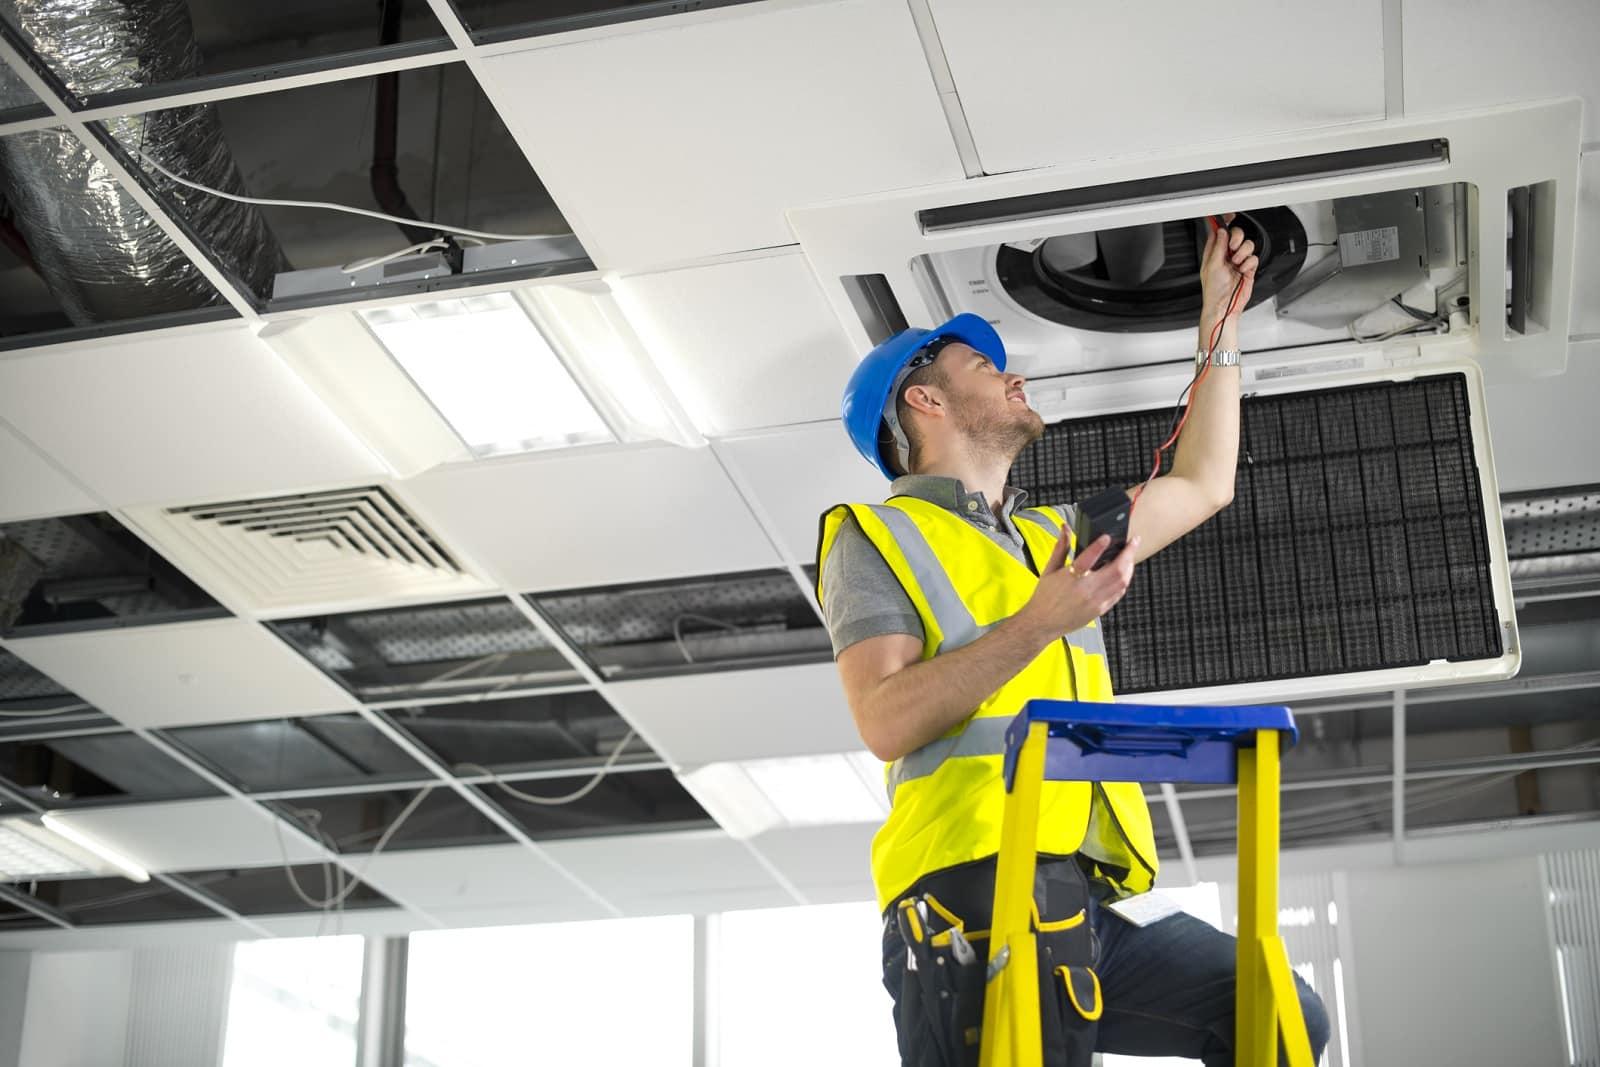 Jak klimatyzacja wpływa na wydajność pracy?